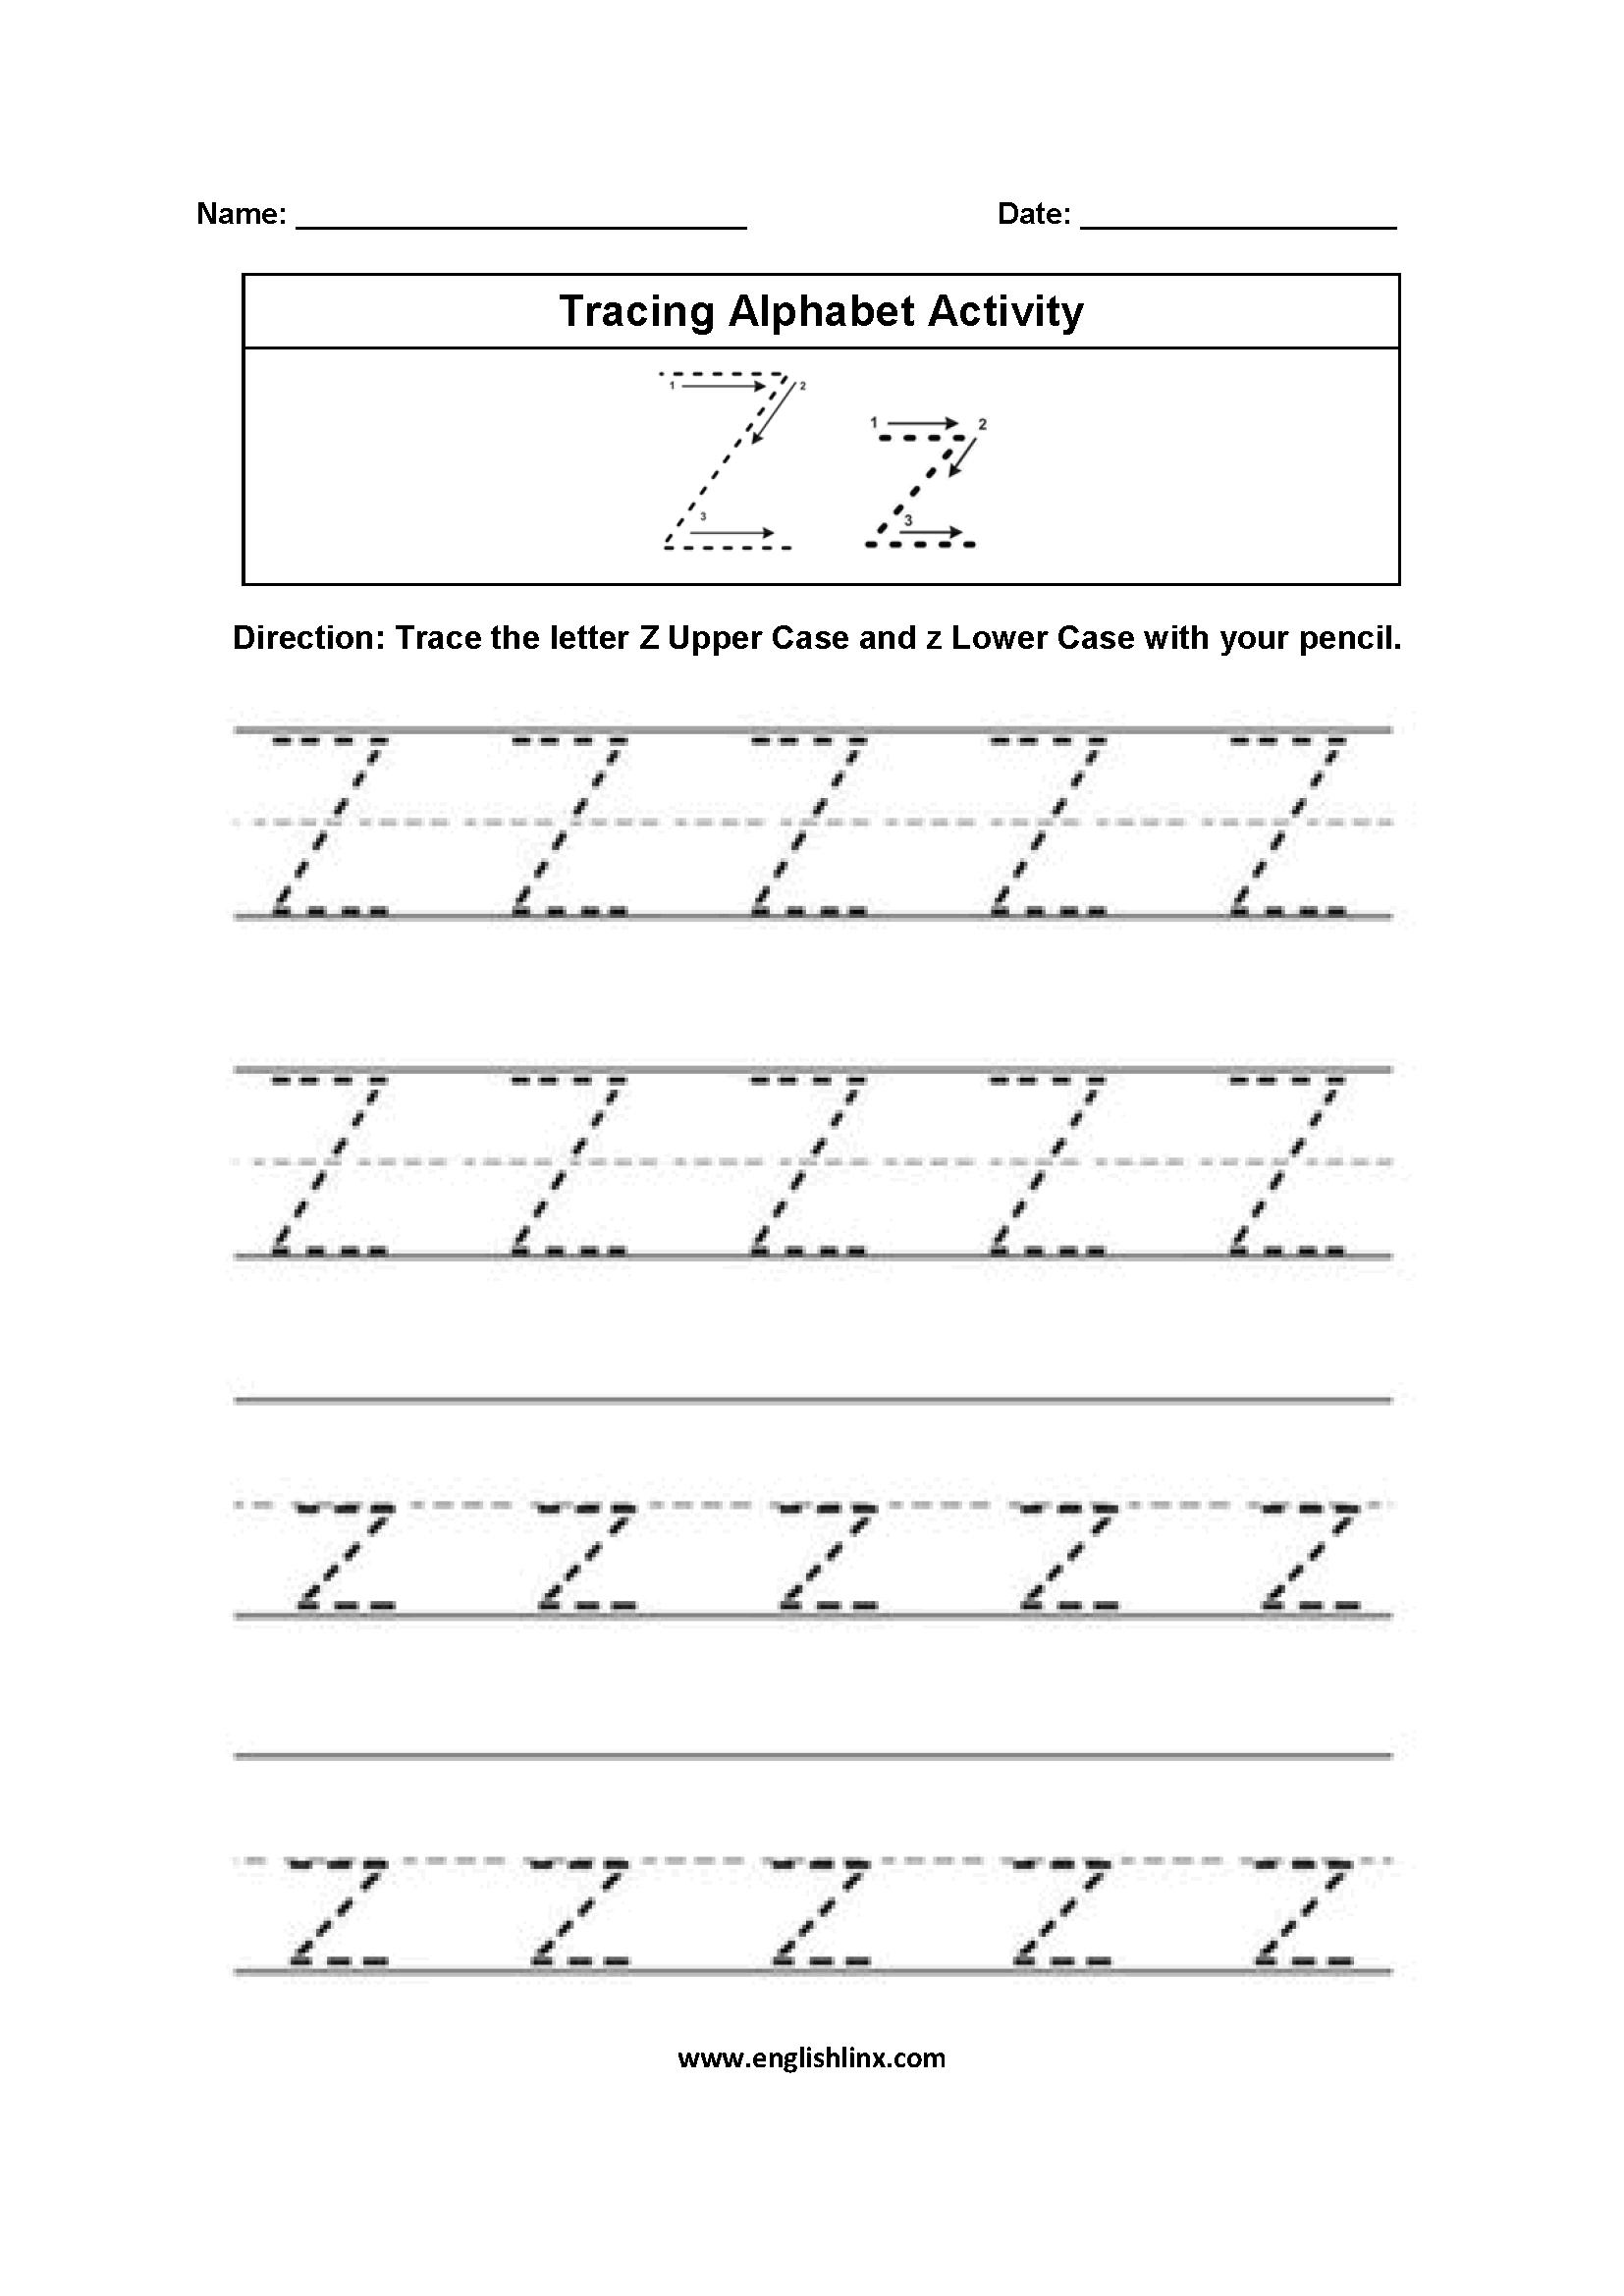 Letter Z Tracing Alphabet Worksheets | Alphabet Worksheets with Tracing Letters A To Z